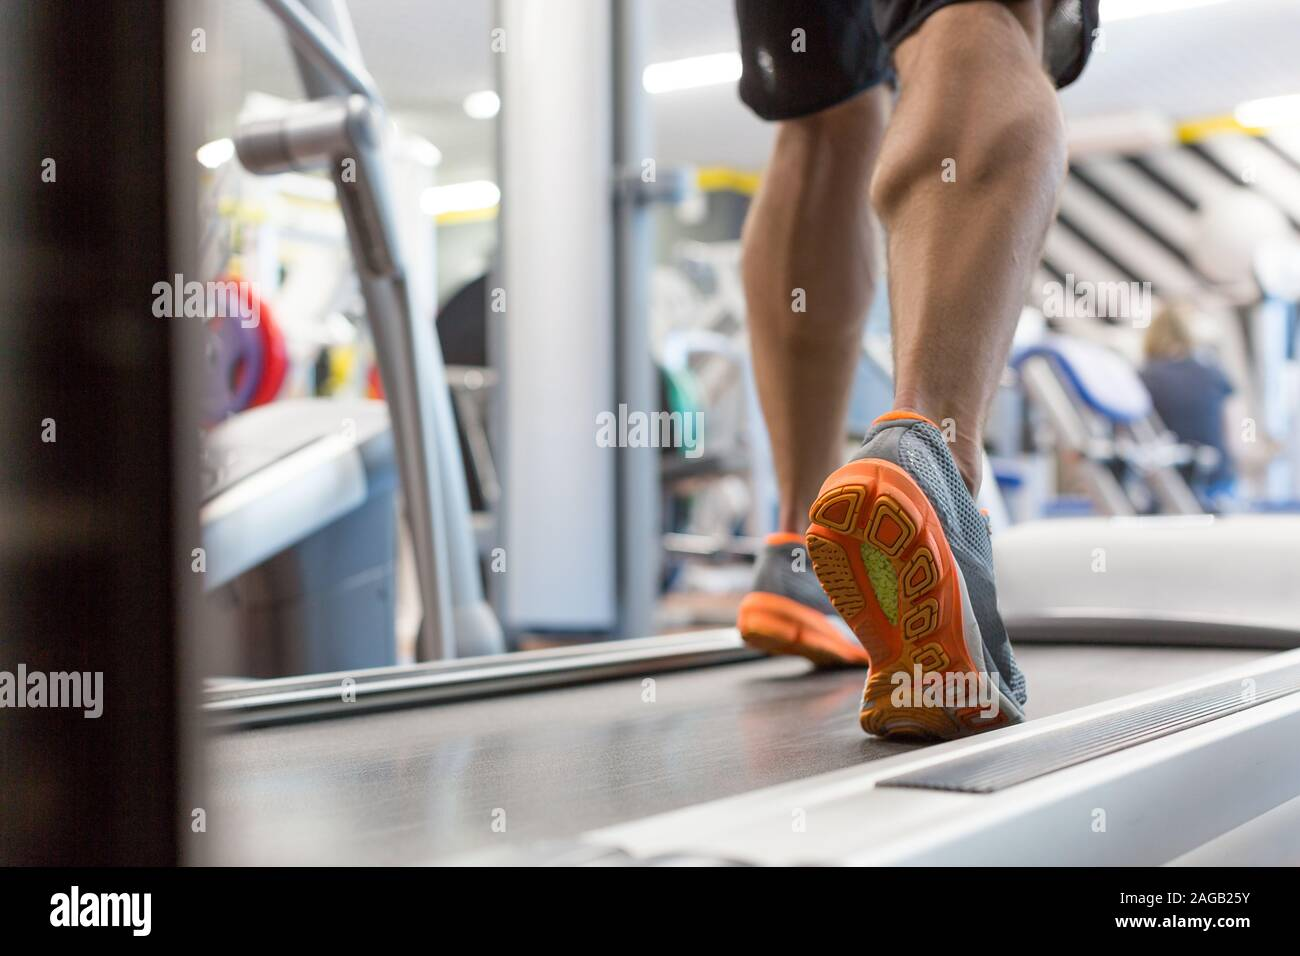 Cierre muscular masculina pies en zapatillas corriendo en la caminadora en el gimnasio. Fitness, Entrenamiento y concepto de estilo de vida saludable. Foto de stock